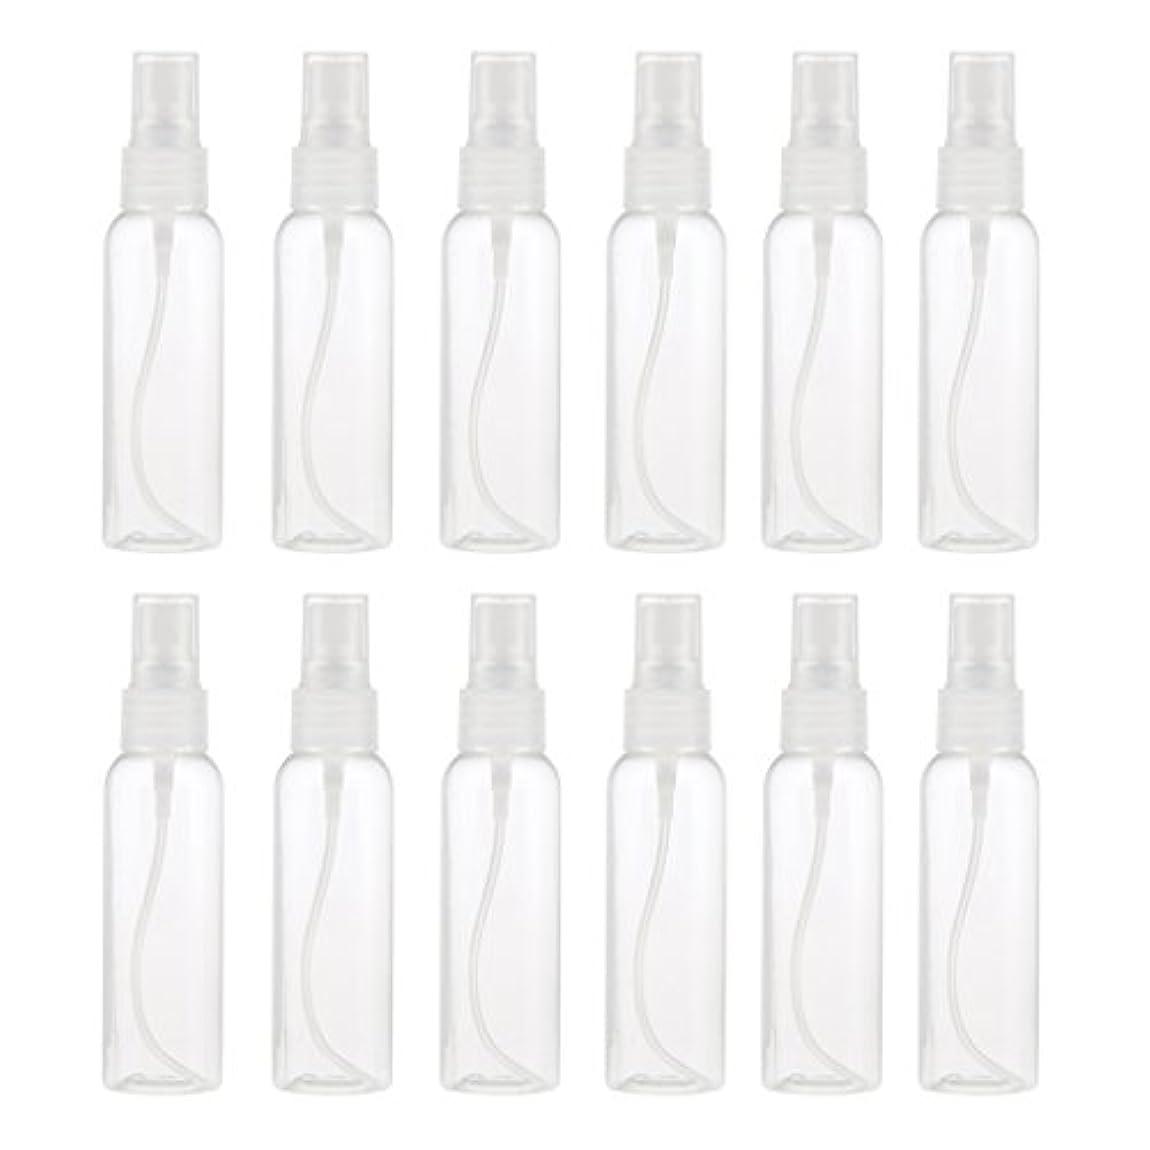 発送柱同僚お買得 プラスチック 分装瓶 スプレーボトル ミストアトマイザー 液体香水 詰め替え 旅行用 60ml 12PCS - クリア